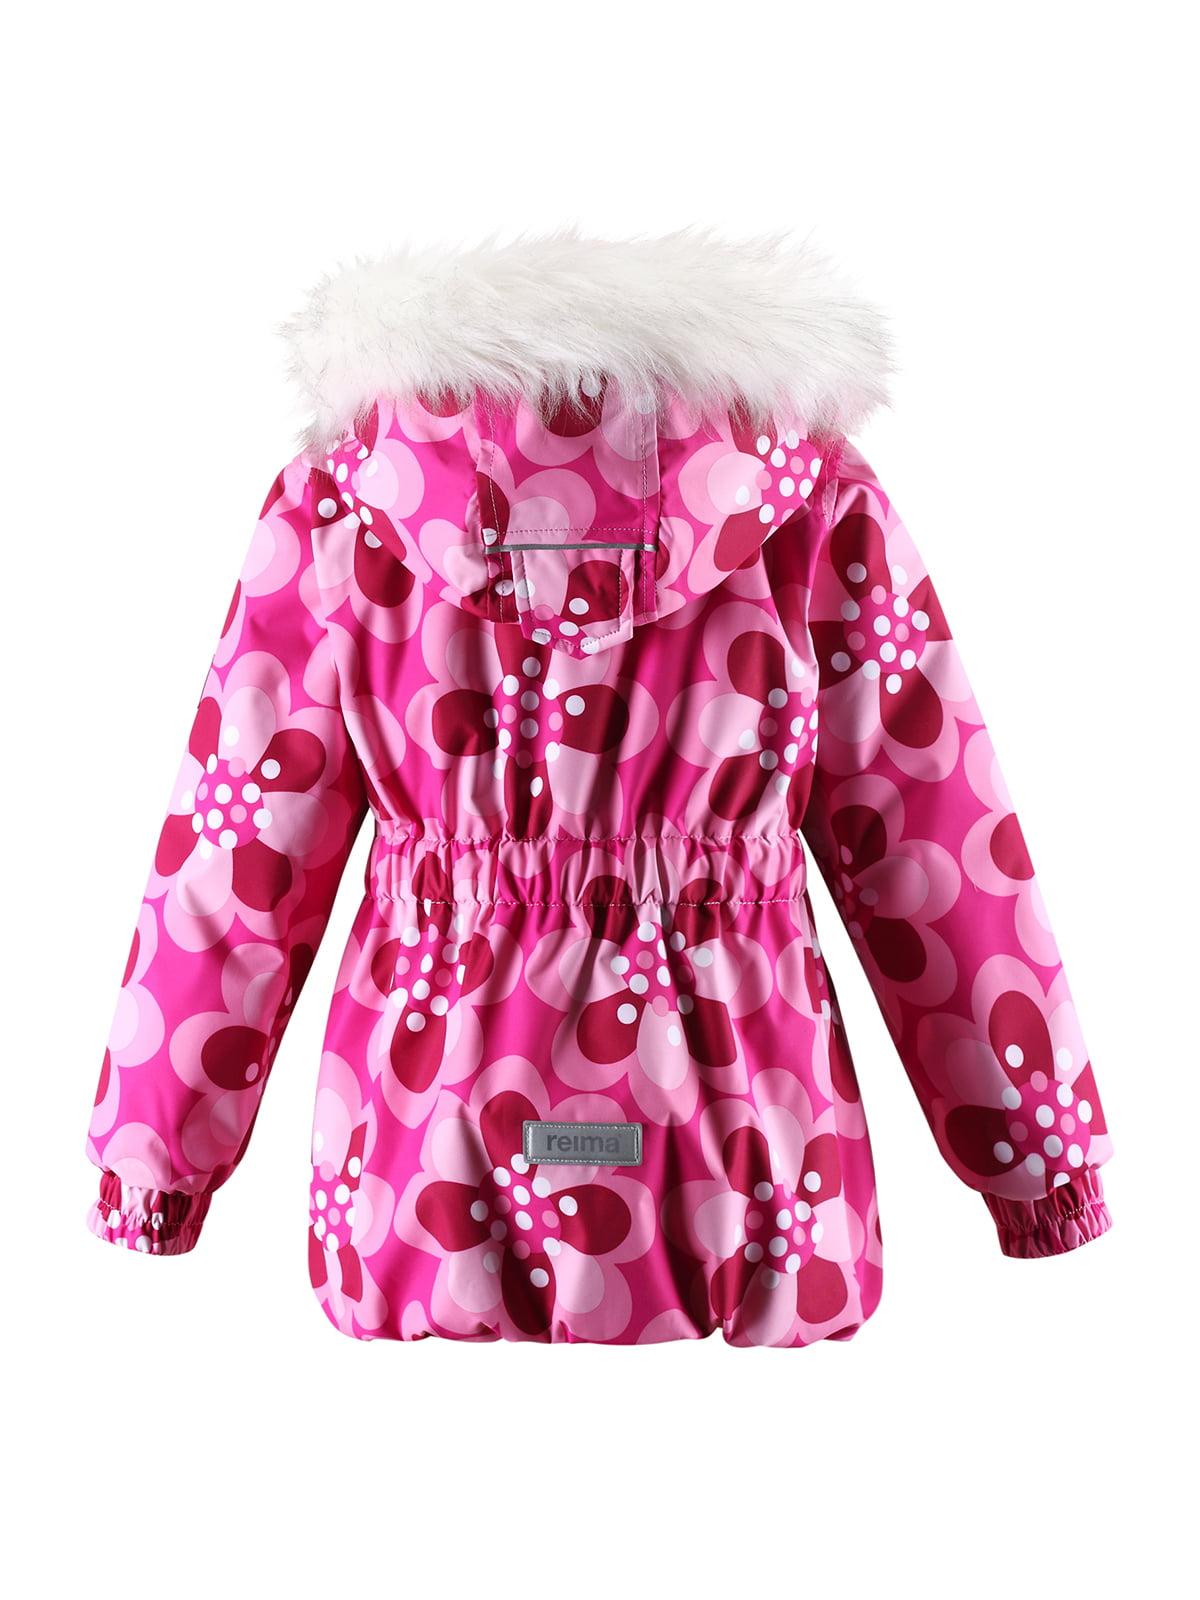 Куртка світло-рожева в принт з капюшоном | 1378054 | фото 7